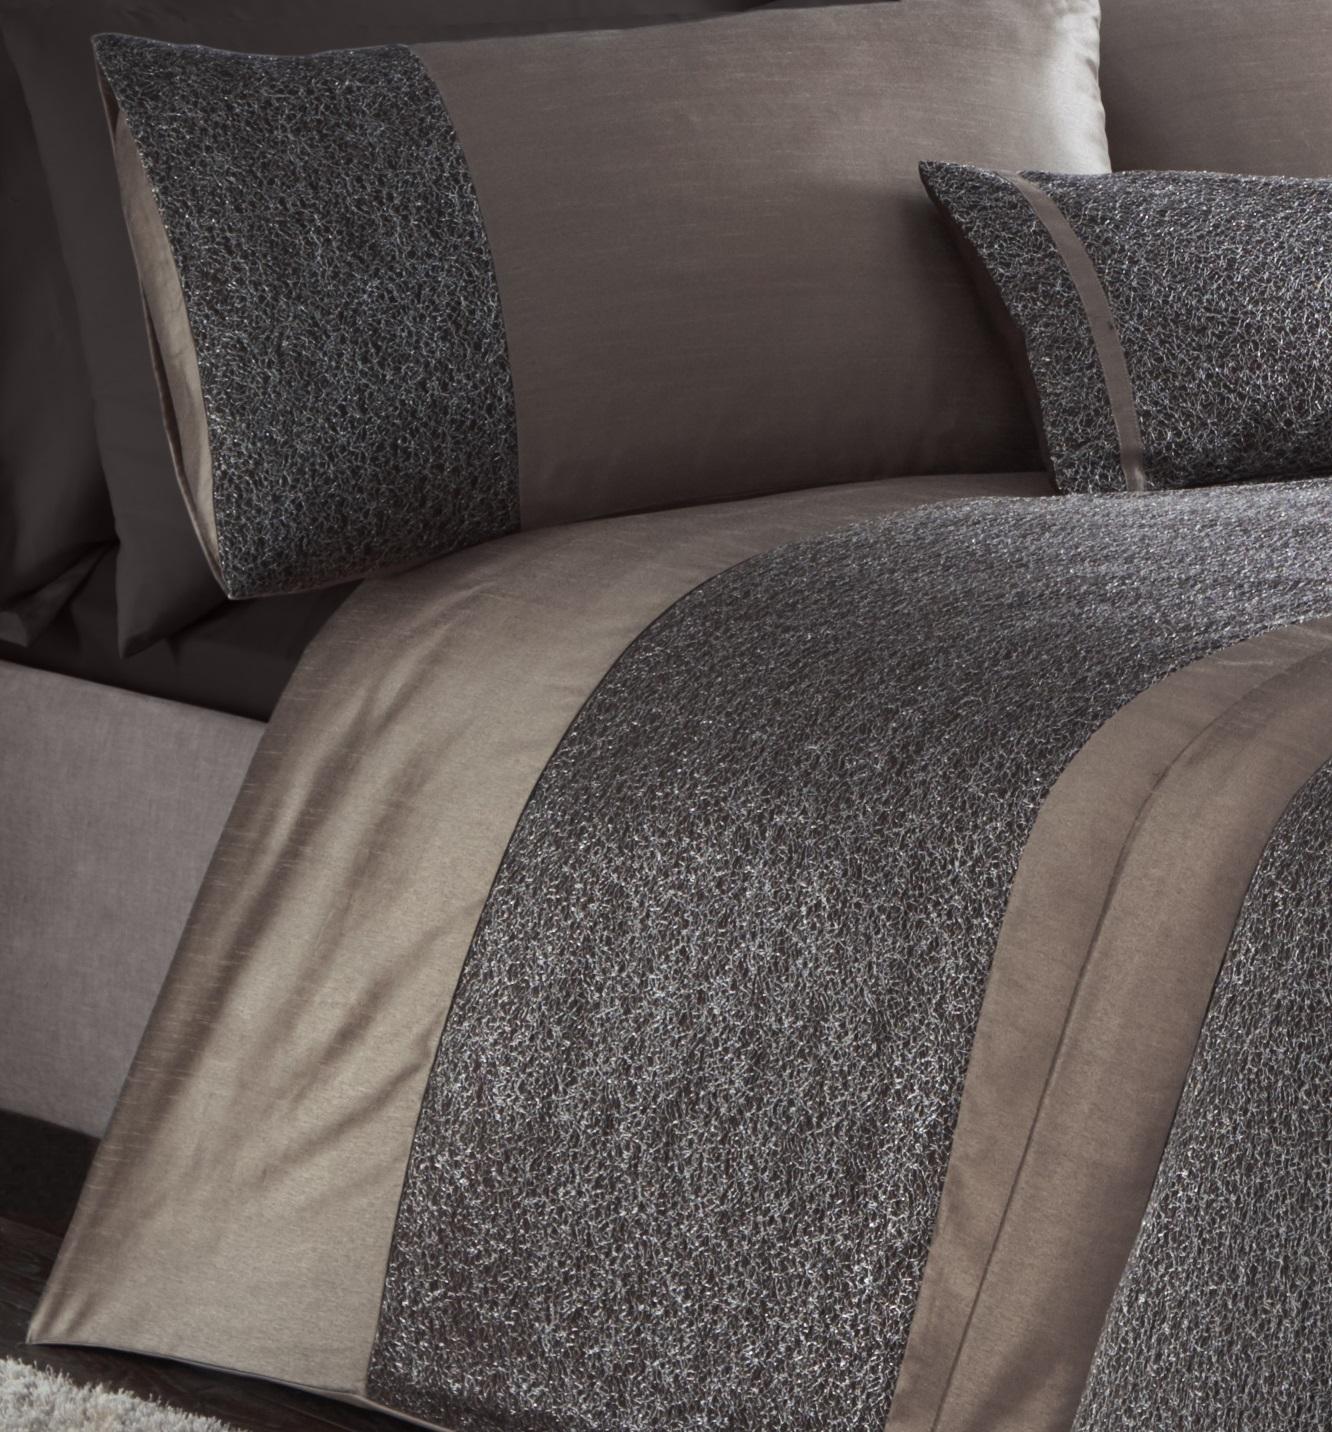 LUXURY SHIMMER RIMINI DUVET COVER SET QUILT BEDDING BED LINEN SET OR RUNNER NEW